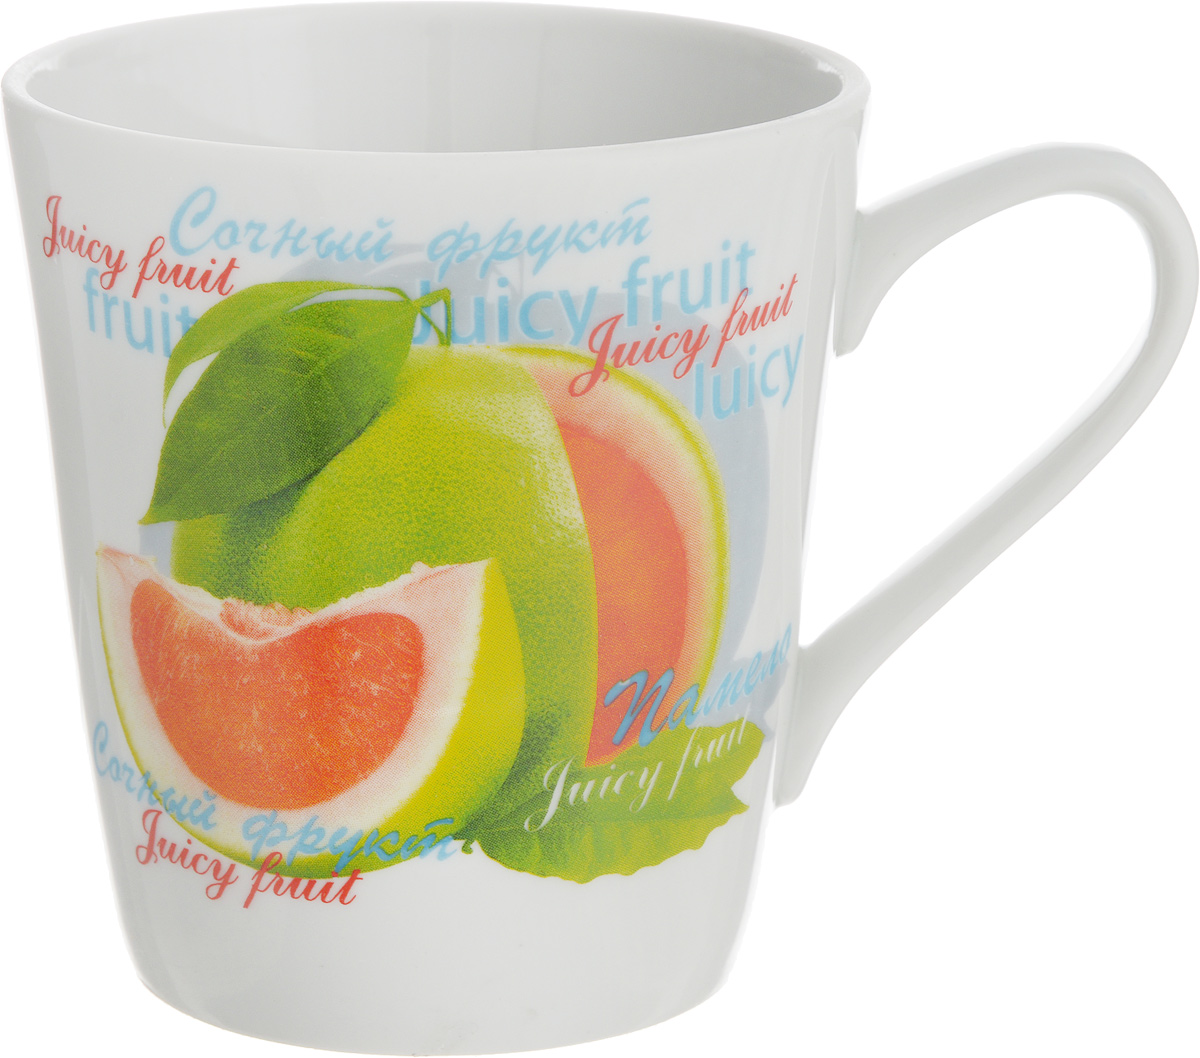 Кружка Классик. Сочный фрукт, цвет: белый, зеленый, красный, 300 мл1333021_лайм, грейпфруктКружка Классик. Сочный фрукт изготовлена из высококачественного фарфора. Изделие оформлено красочным рисунком и покрыто превосходной сверкающей глазурью. Изысканная кружка прекрасно оформит стол к чаепитию и станет его неизменным атрибутом. Диаметр кружки (по верхнему краю): 8,5 см.Высота стенок: 9,5 см.